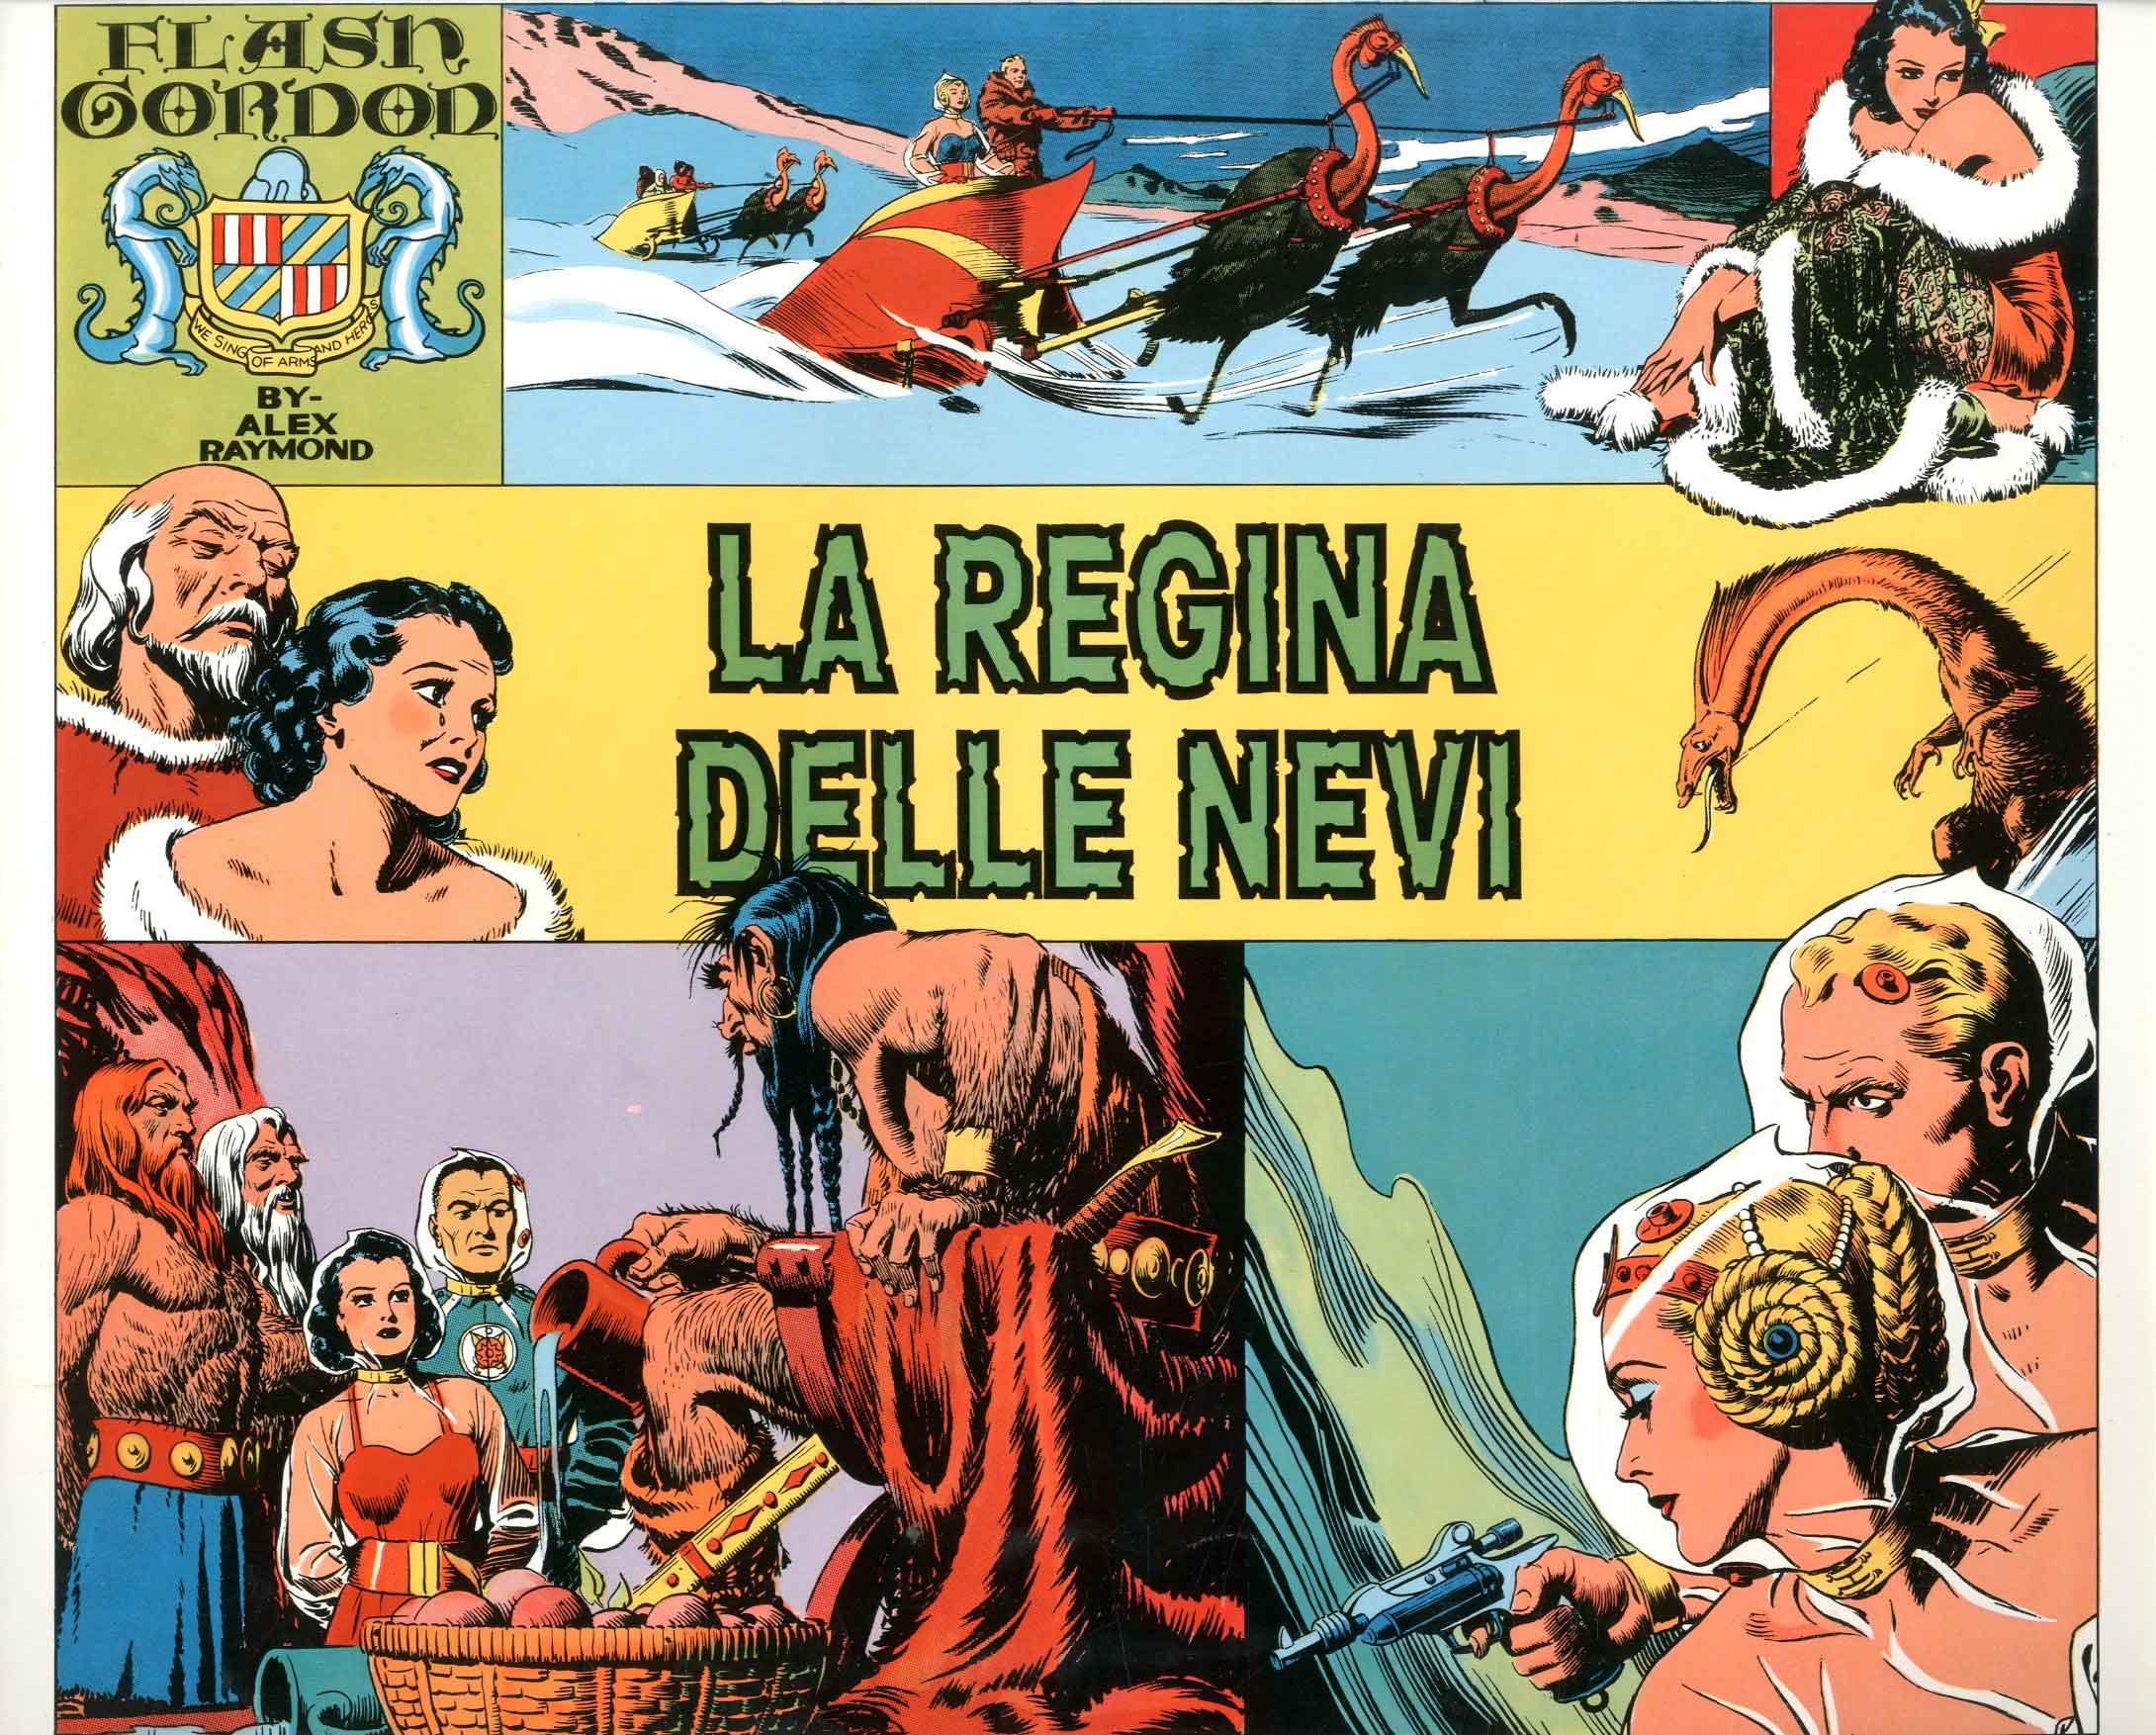 Disegni Armadio Di Chloe Da Stampare : Comic art flash gordon di alex raymond special mongo